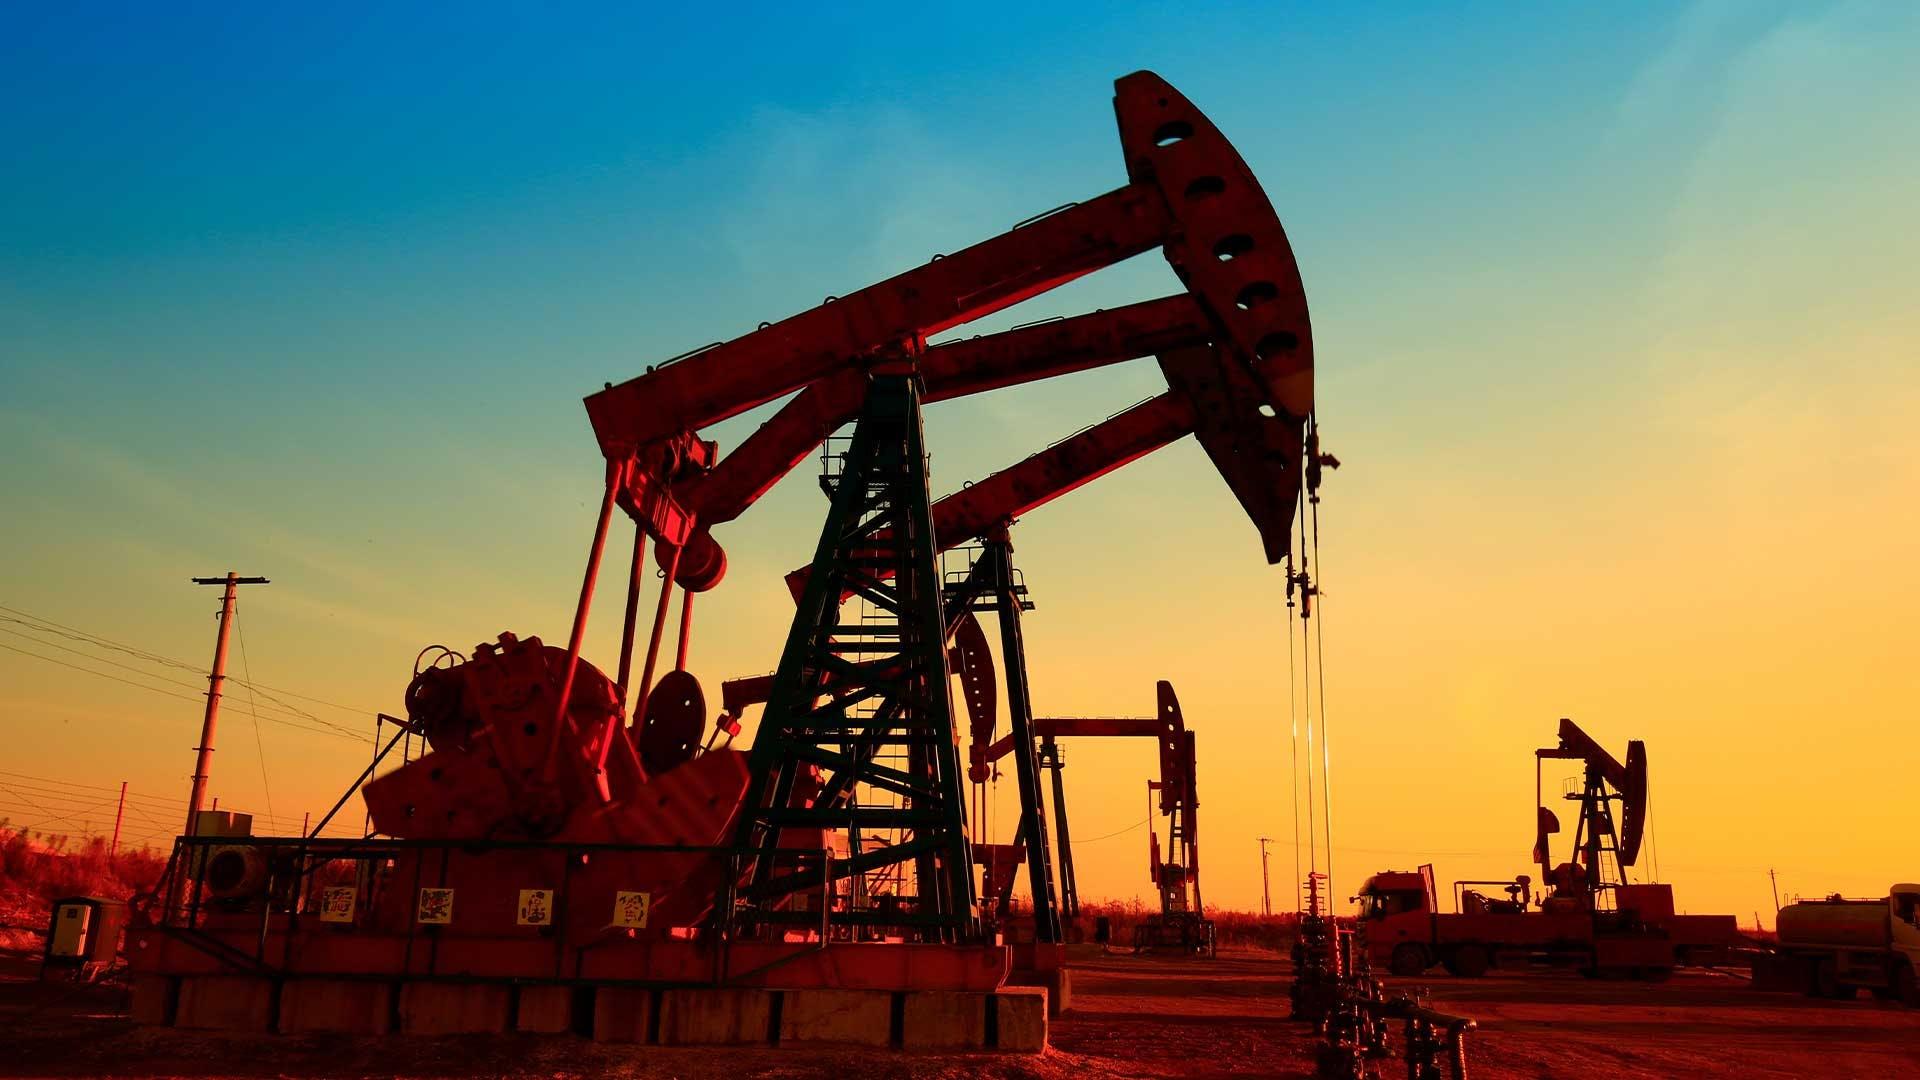 Giá xăng dầu hôm nay 5/1: OPEC + trì hoãn sau cuộc họp, giá dầu giảm trở lại - Ảnh 1.